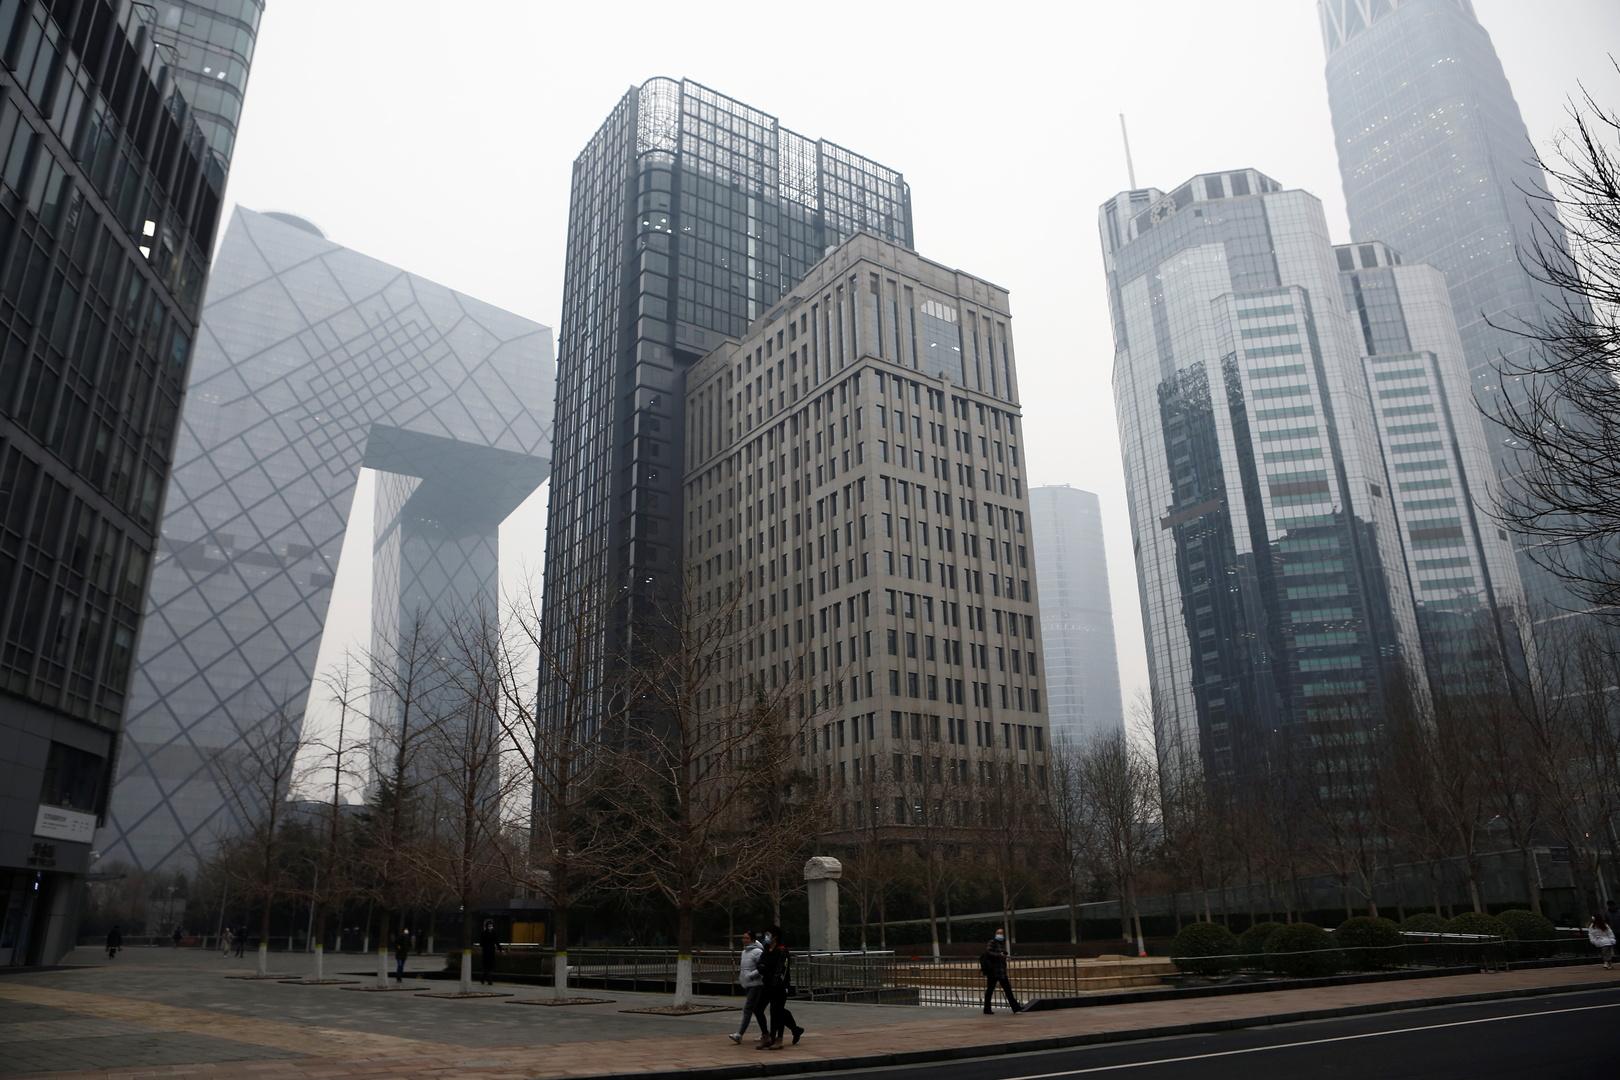 وزير صيني سابق: ما زال أمامنا أكثر من 30 عاما لنصبح قوة صناعية